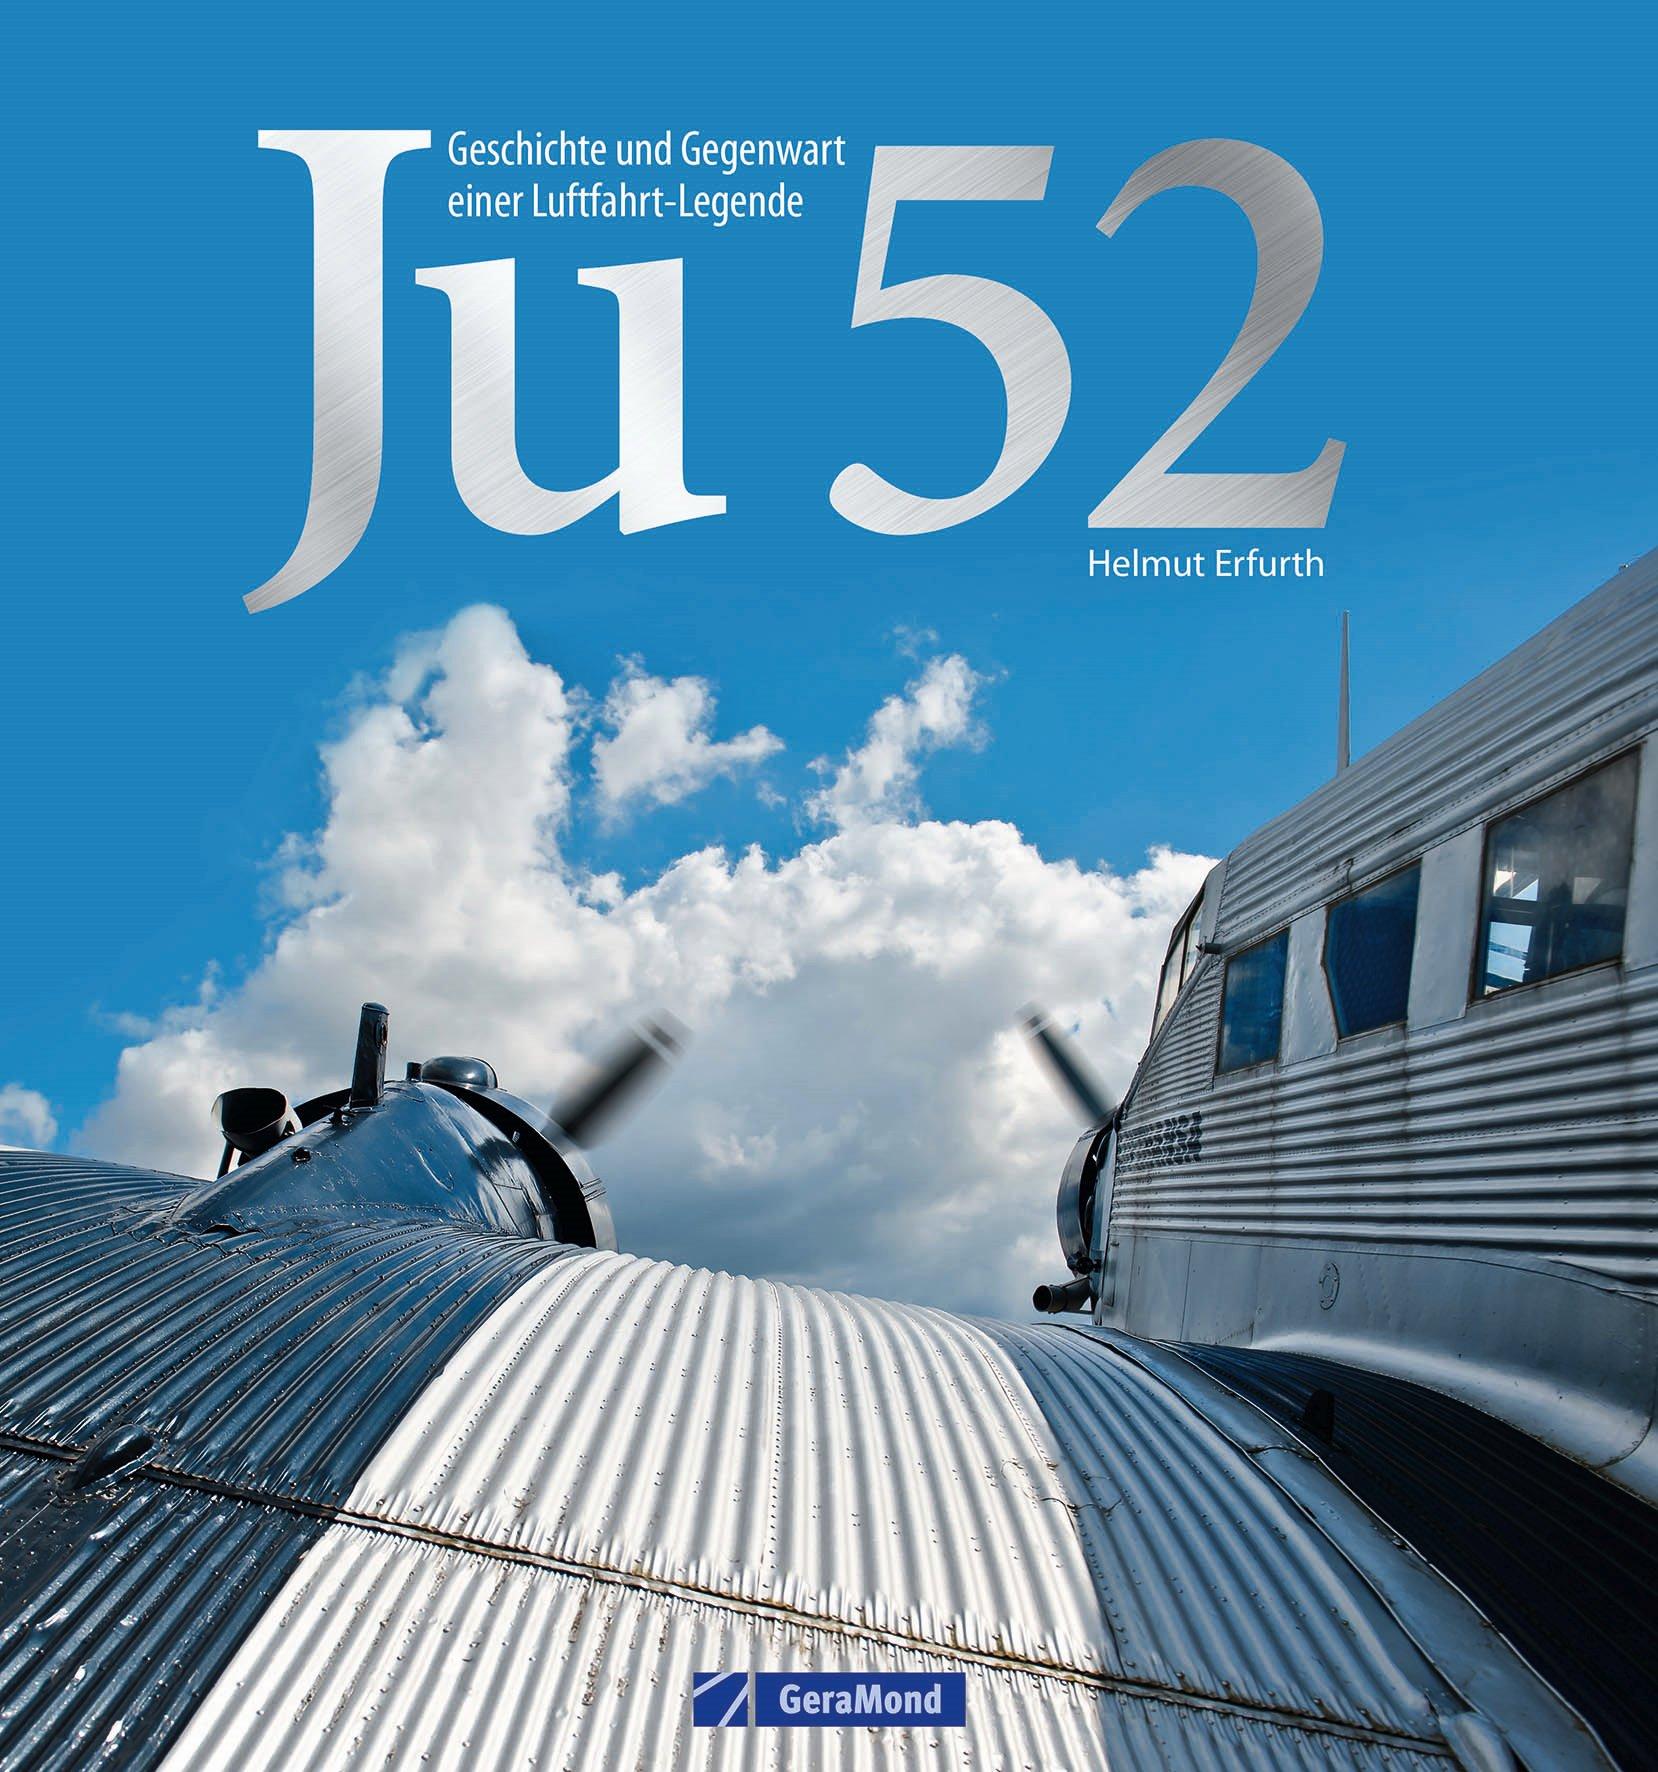 Livre: Ju 52 - Histoire et présence d'une légende de l'aviation